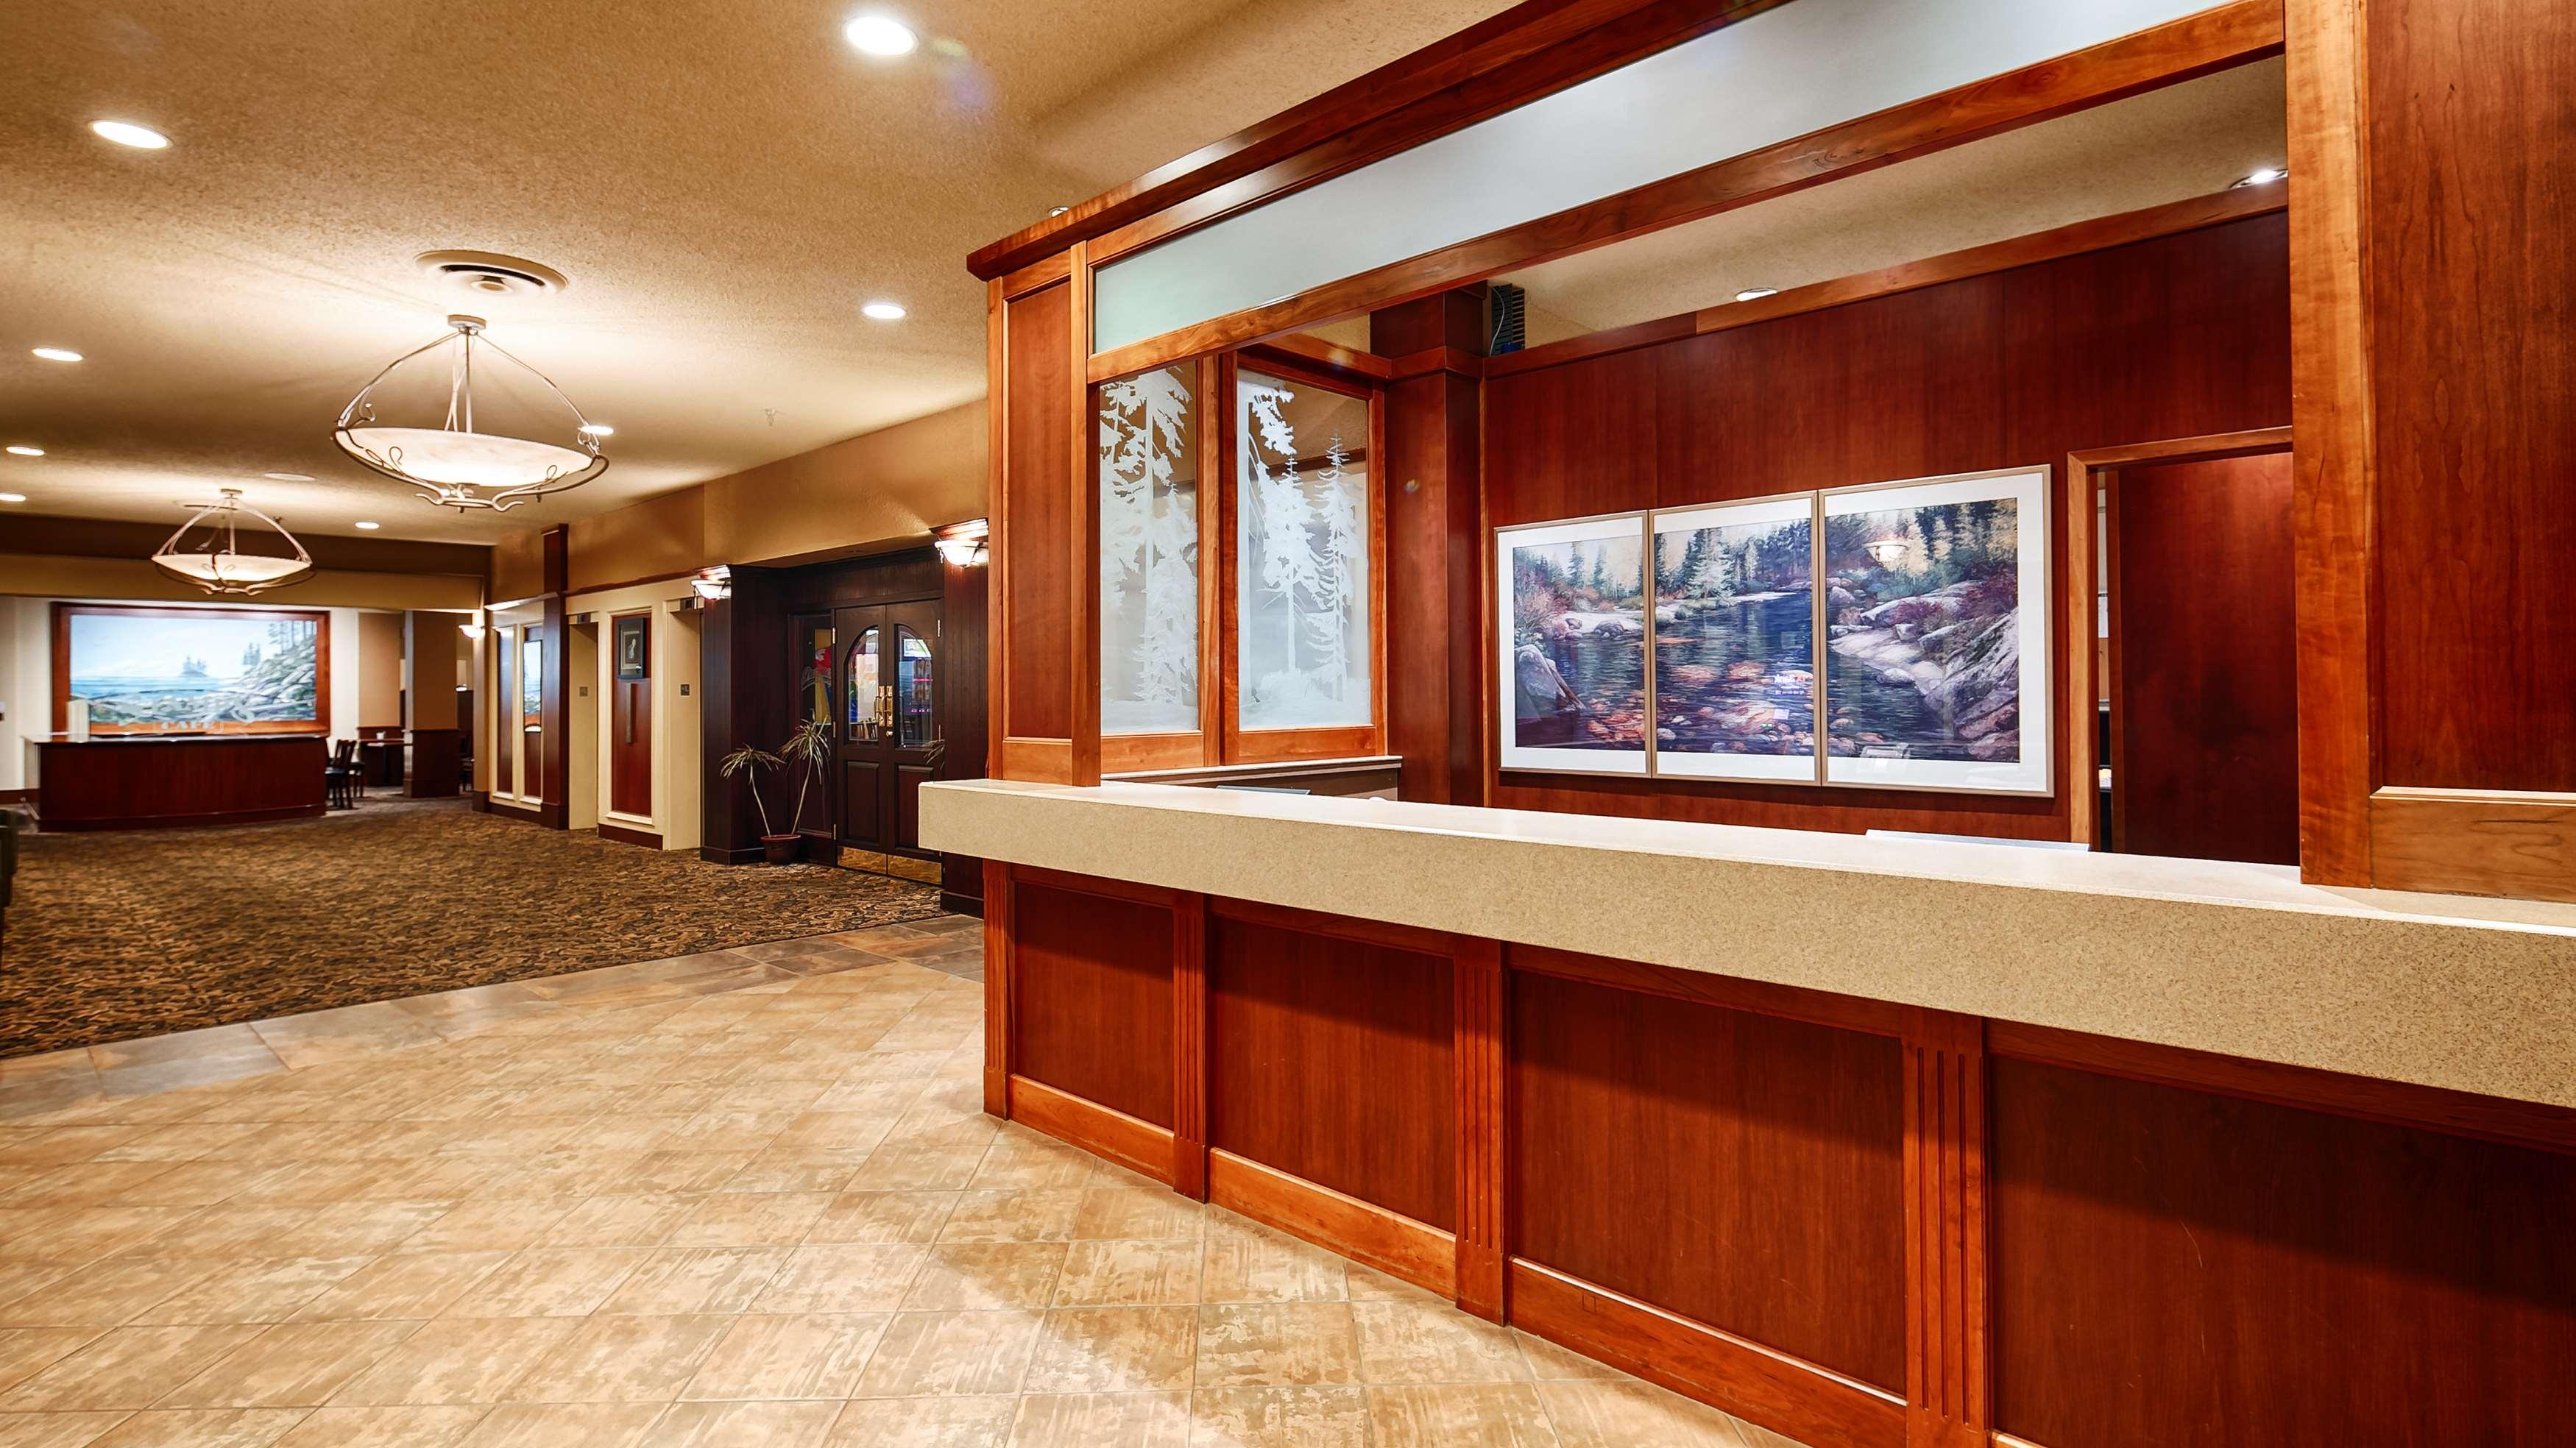 Best Western Plus Barclay Hotel in Port Alberni: Front Desk